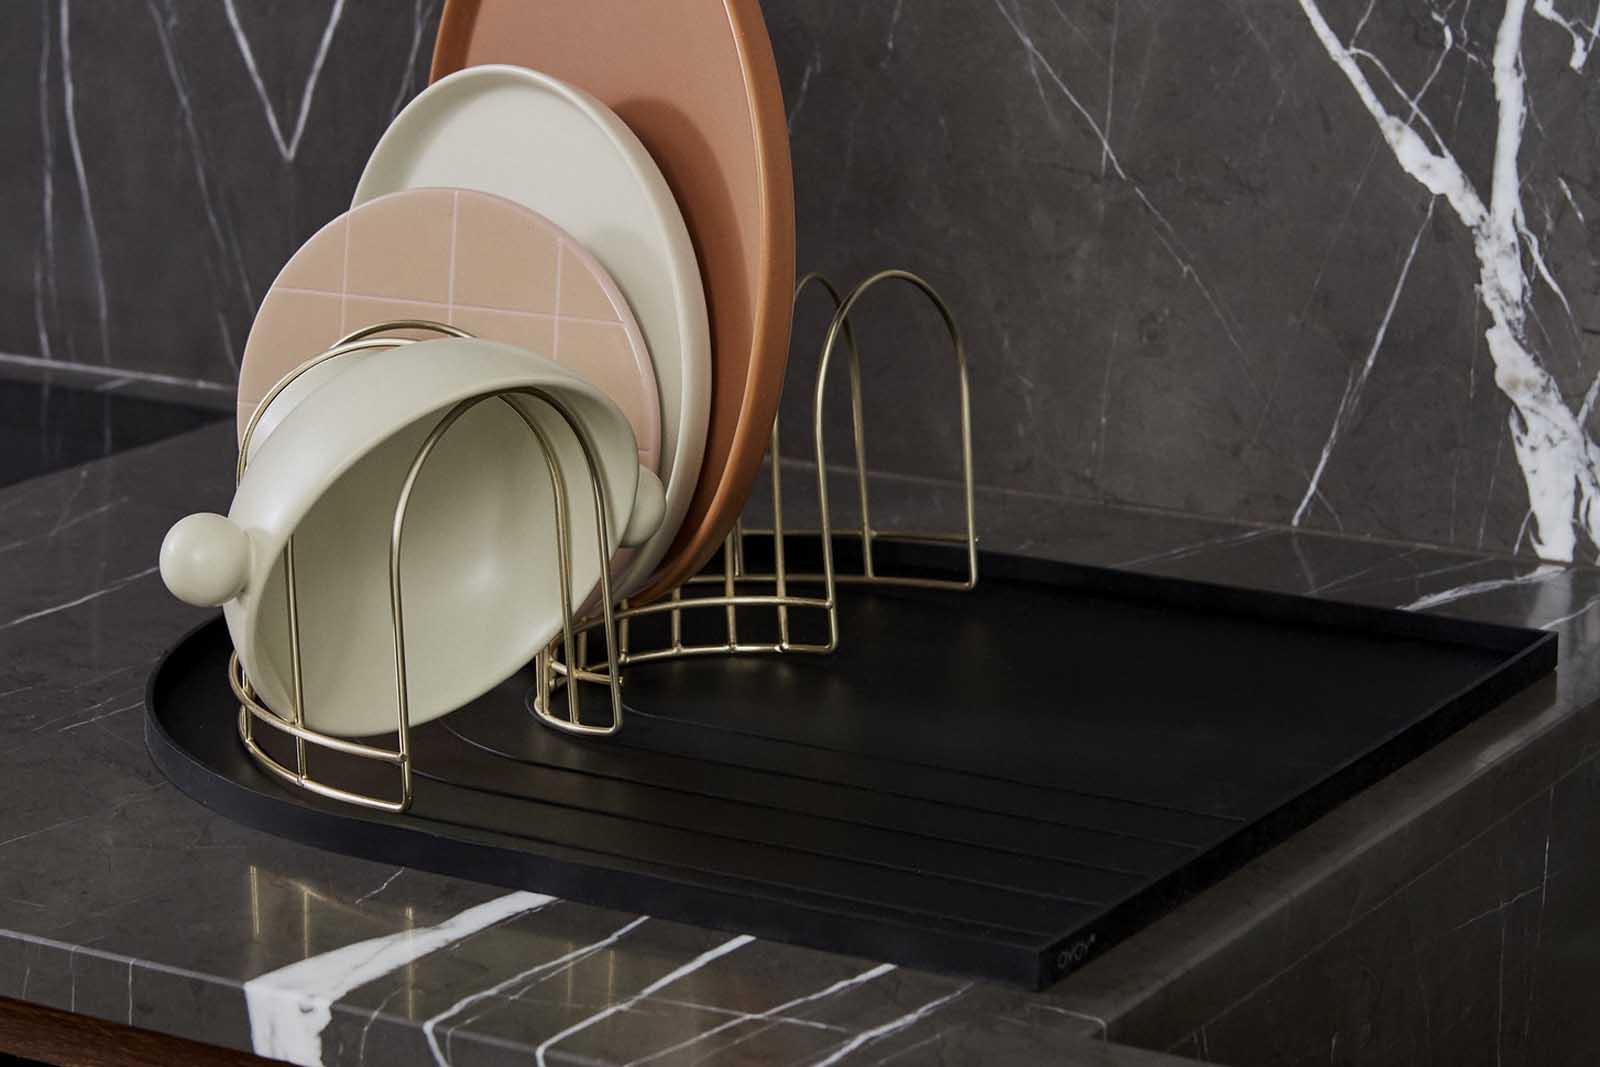 OYOY Living Design 北欧デザインのおしゃれなディッシュトレイとドレイナーのセット/水切りラック